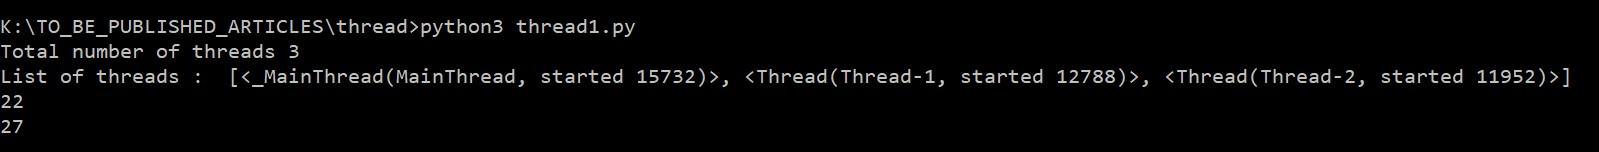 Python Thread Tutorial (Part 1) - DZone Big Data